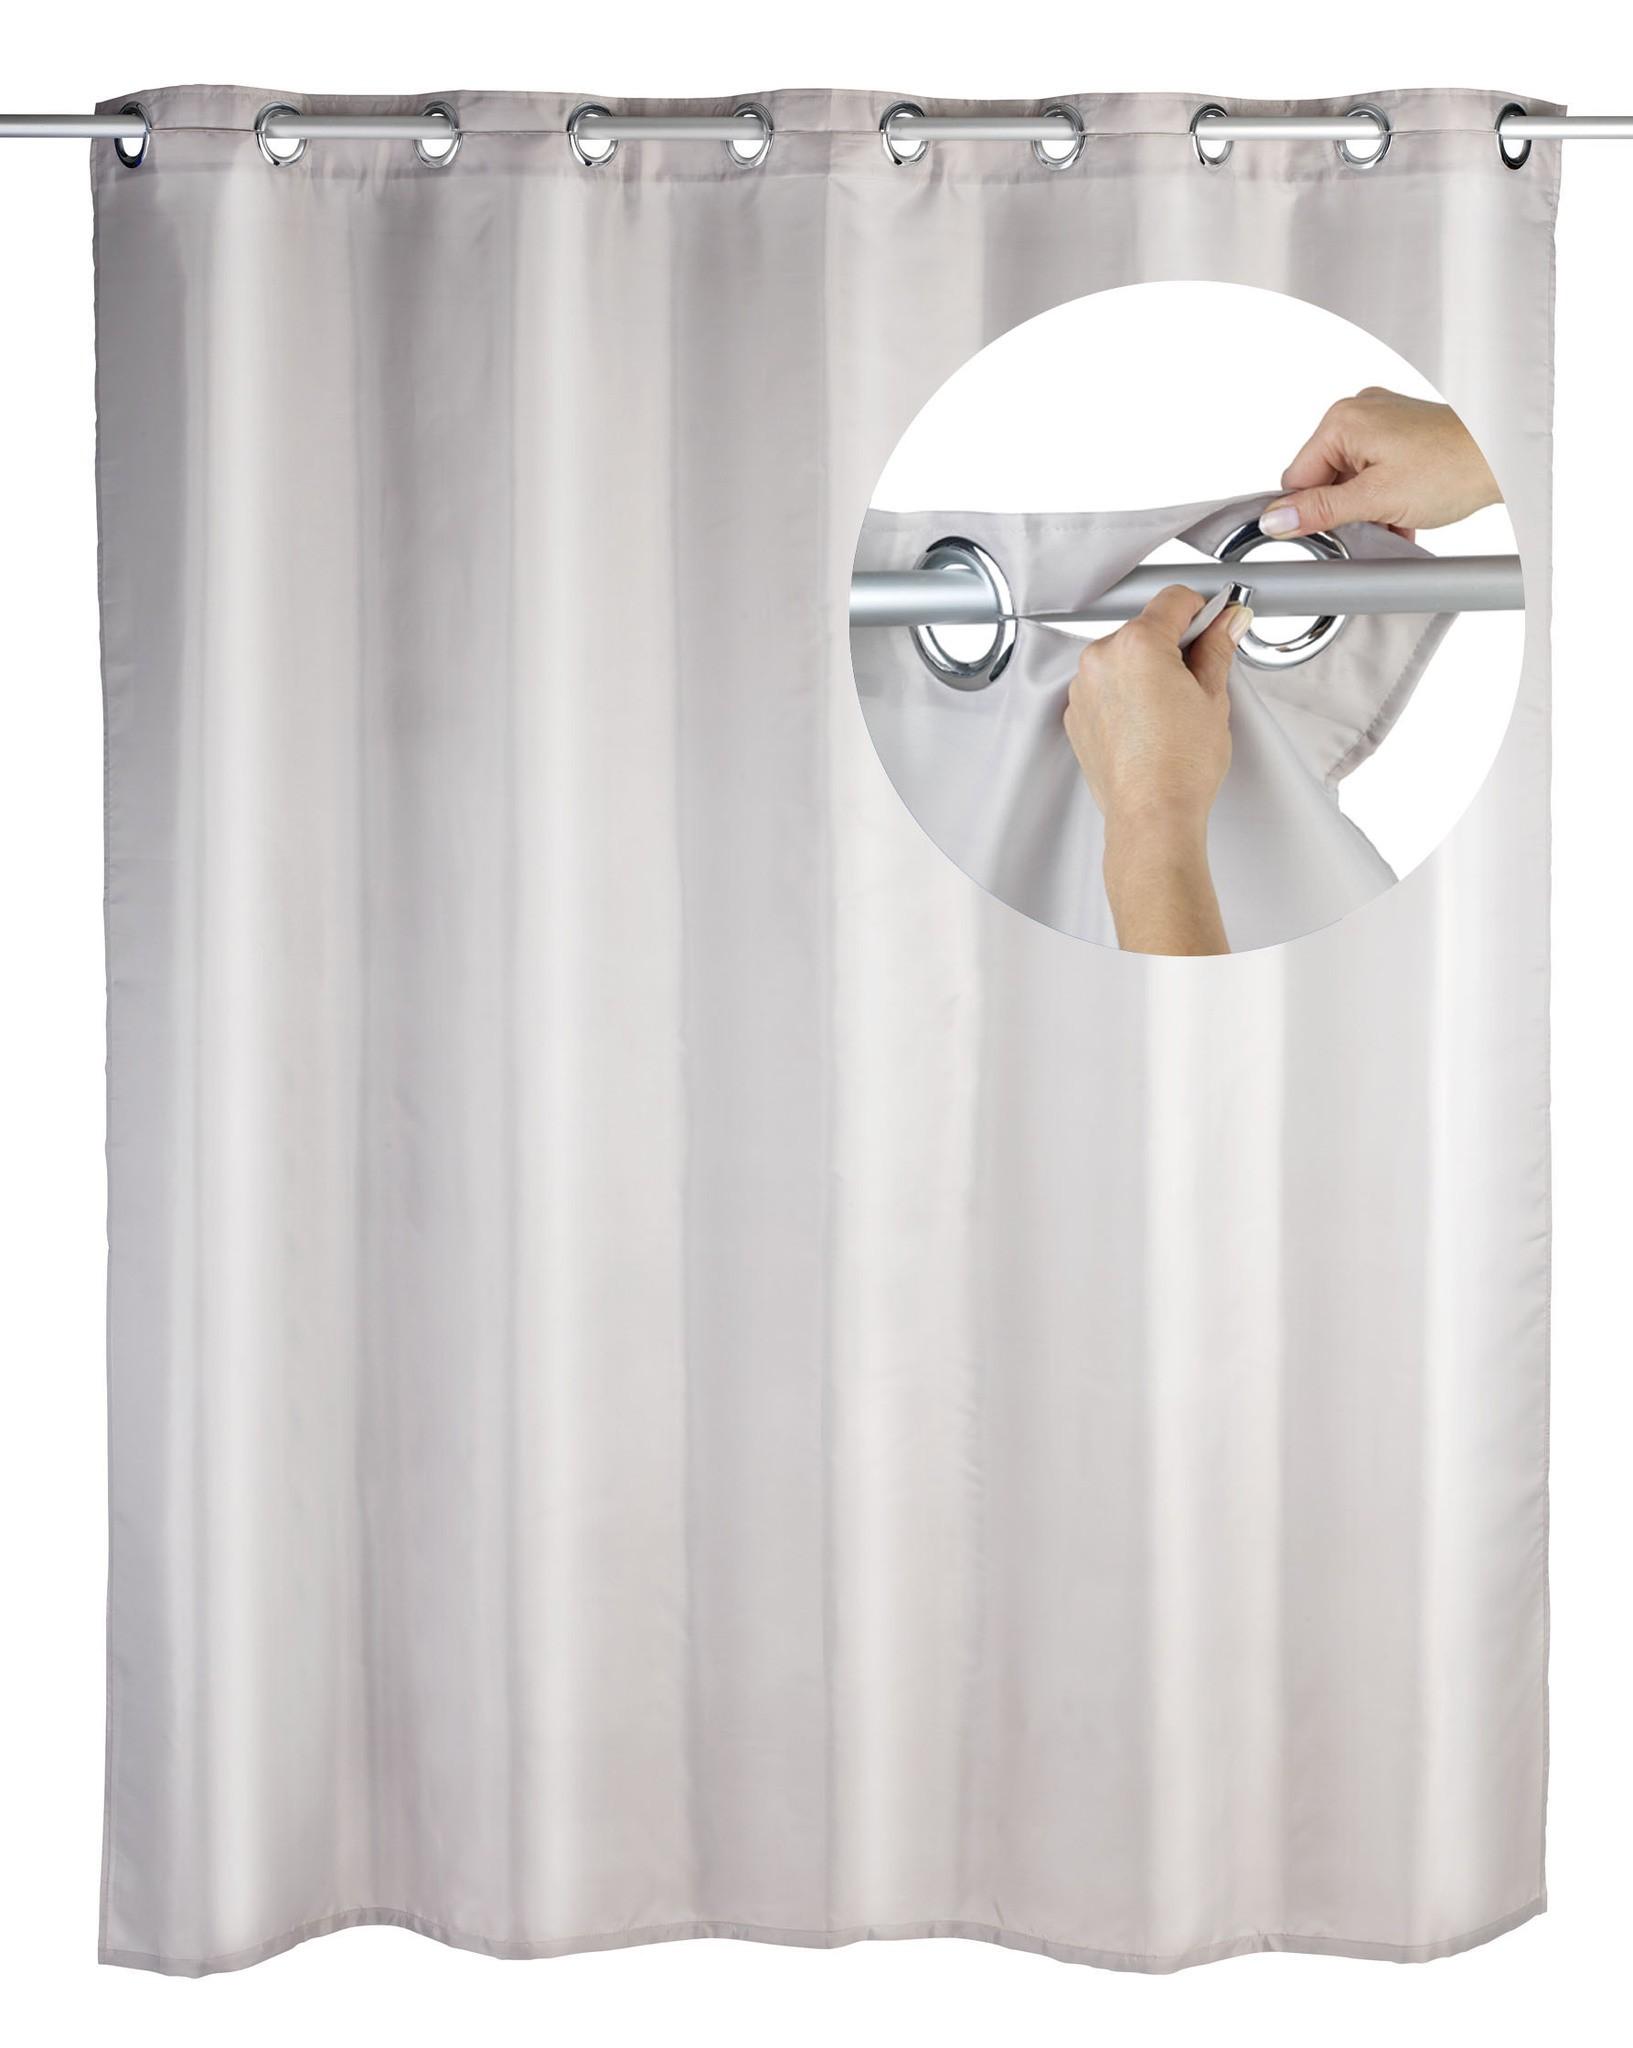 Wenko Duschvorhang Comfort Flex Taupe, 180 x 200 cm, waschbar